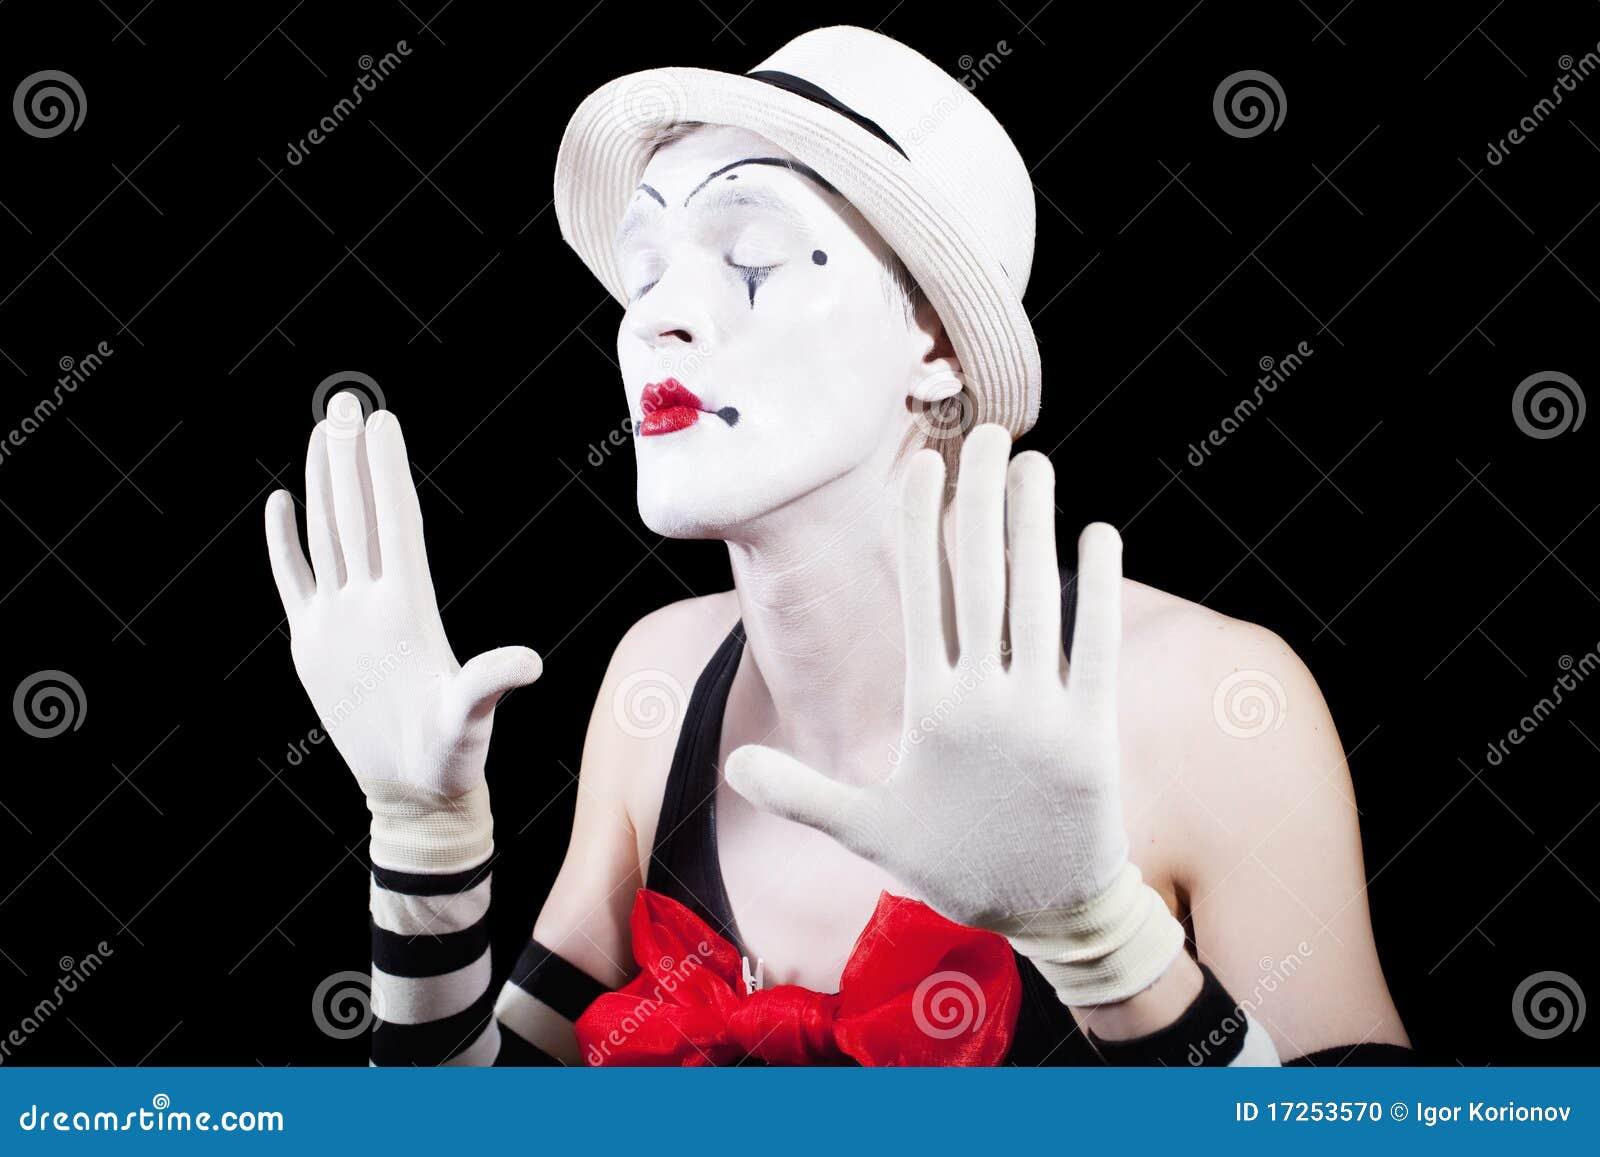 Armario Metal Tok Stok ~ Pantomimas Do Ator Com Olhos Fechados Foto de Stock Imagem 17253570